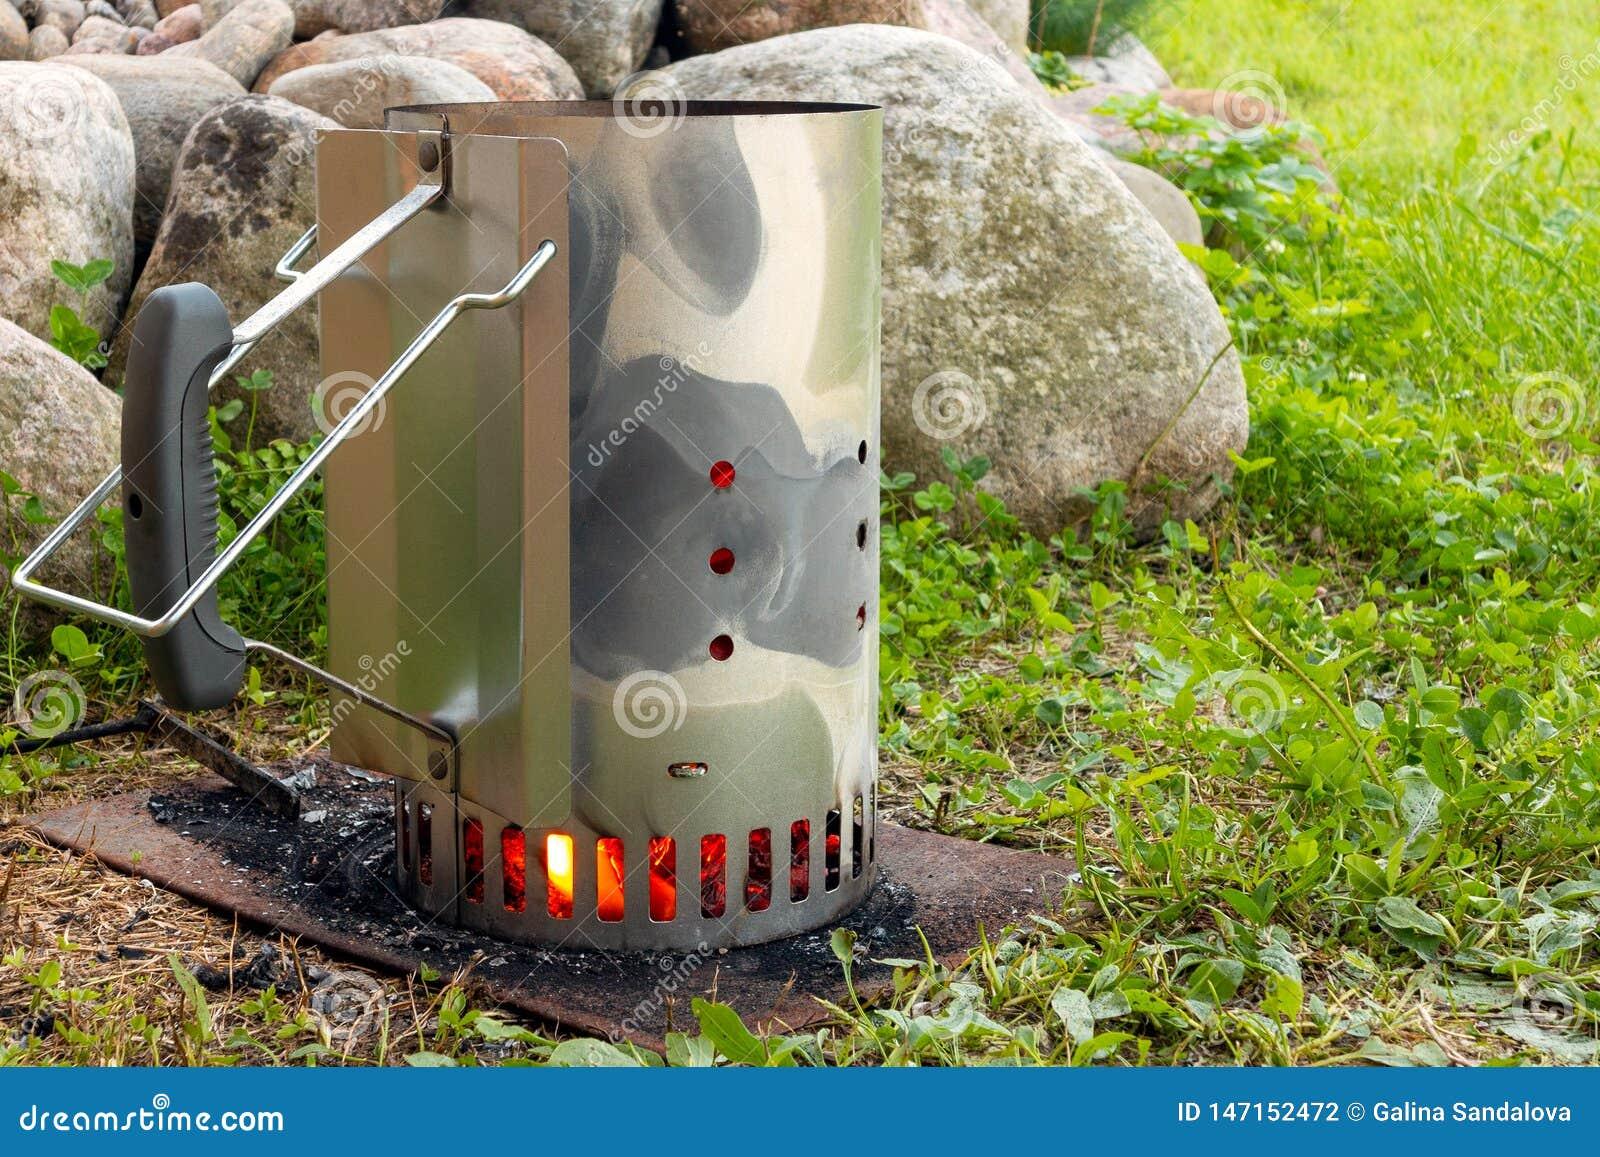 Starter for kindling coals for grilling